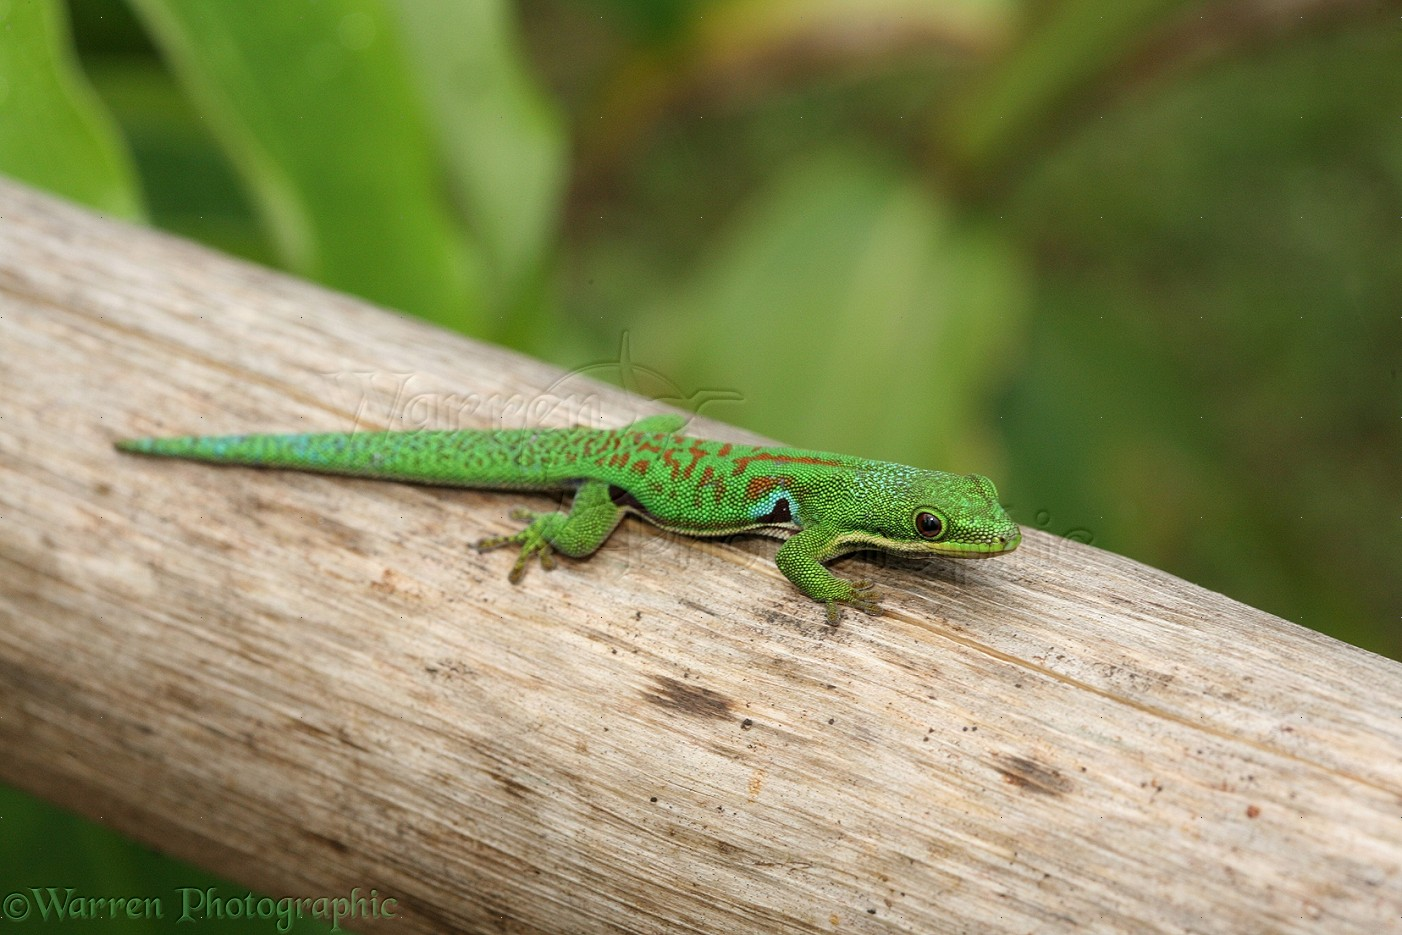 madagascar day gecko photo wp19285